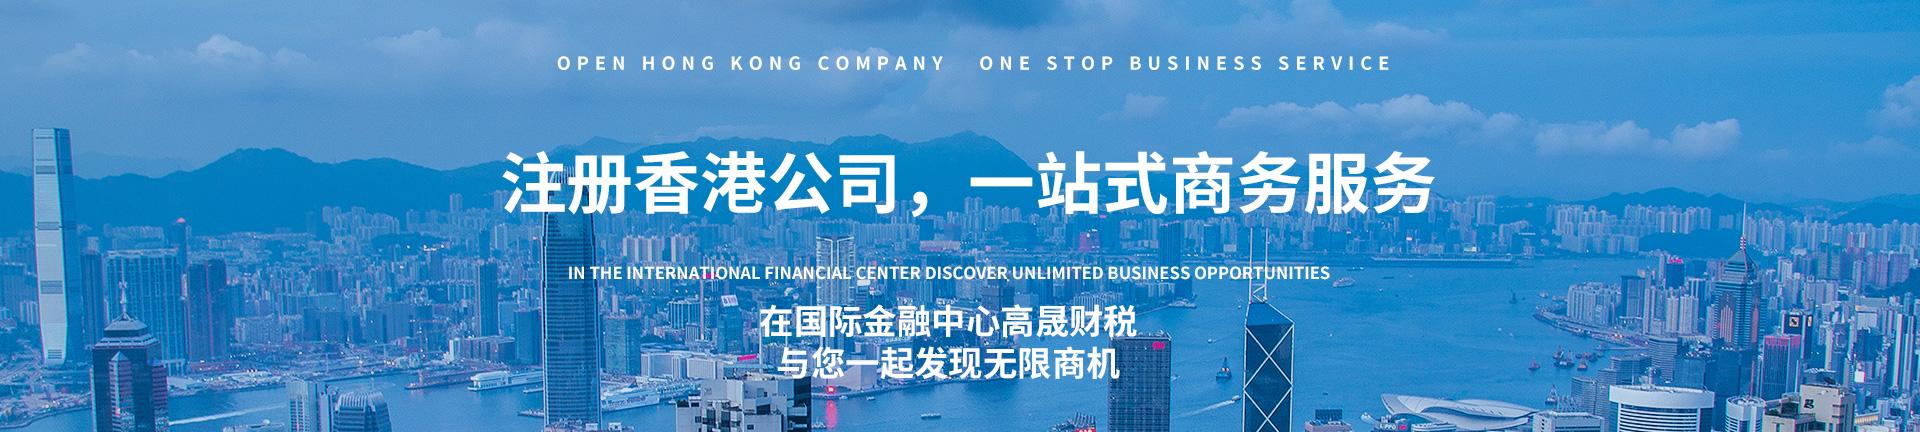 注册香港公司,一站式商务服务